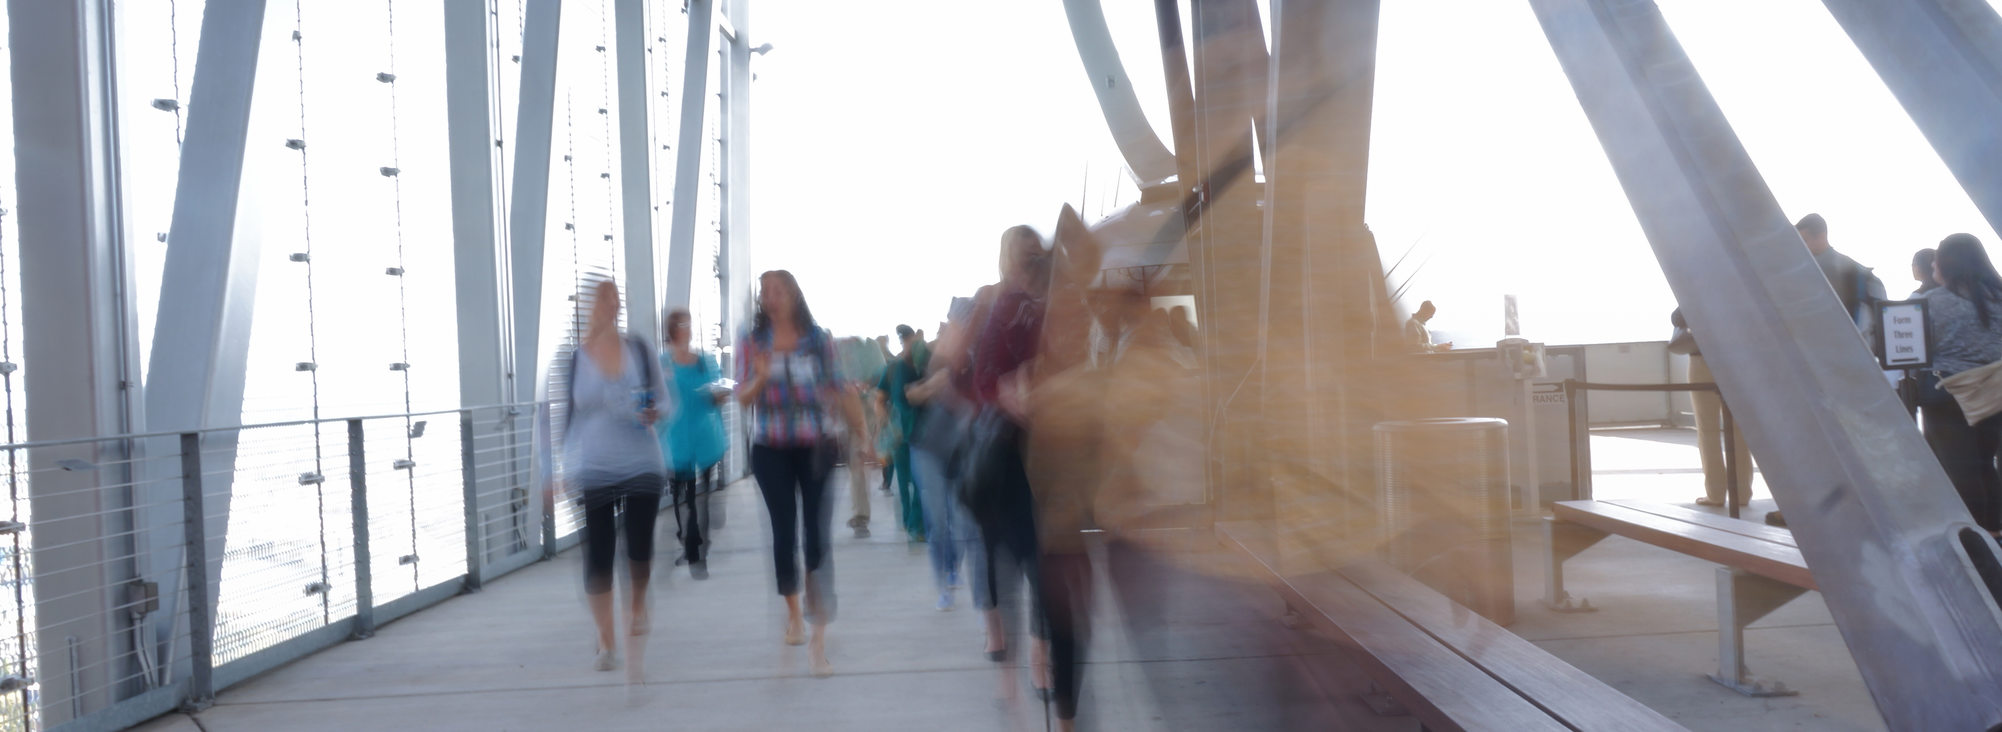 People walking off the aerial tram